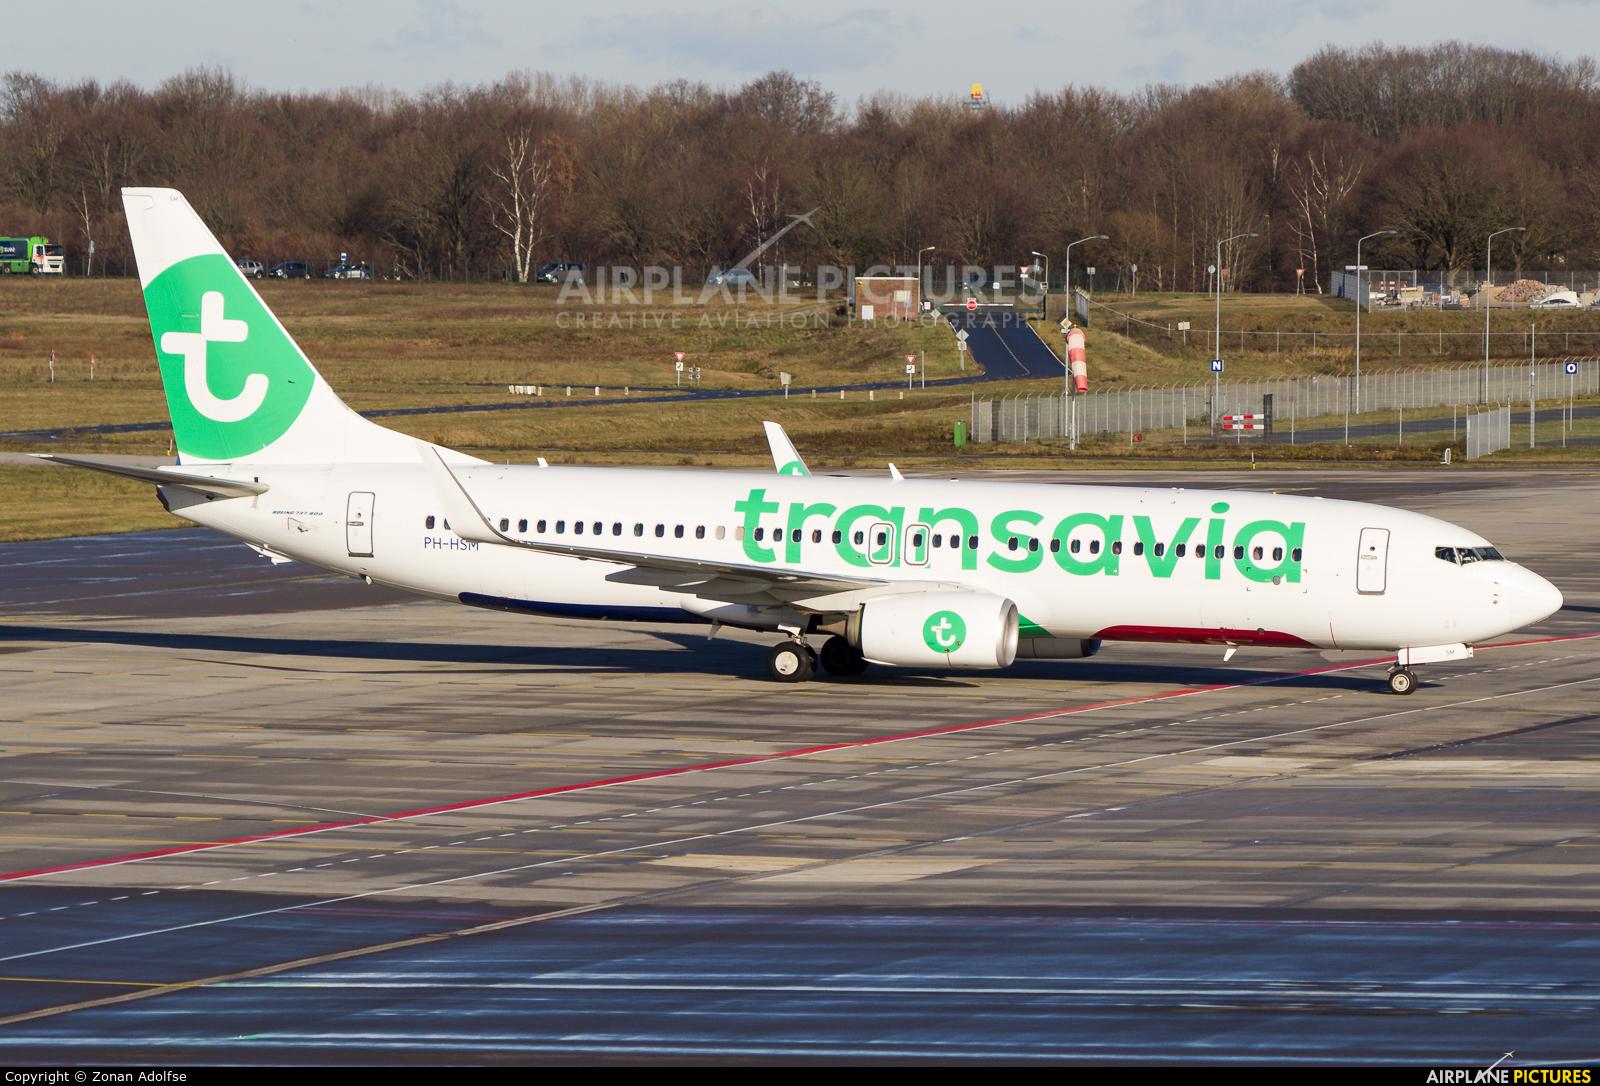 Transavia PH-HSM aircraft at Eindhoven